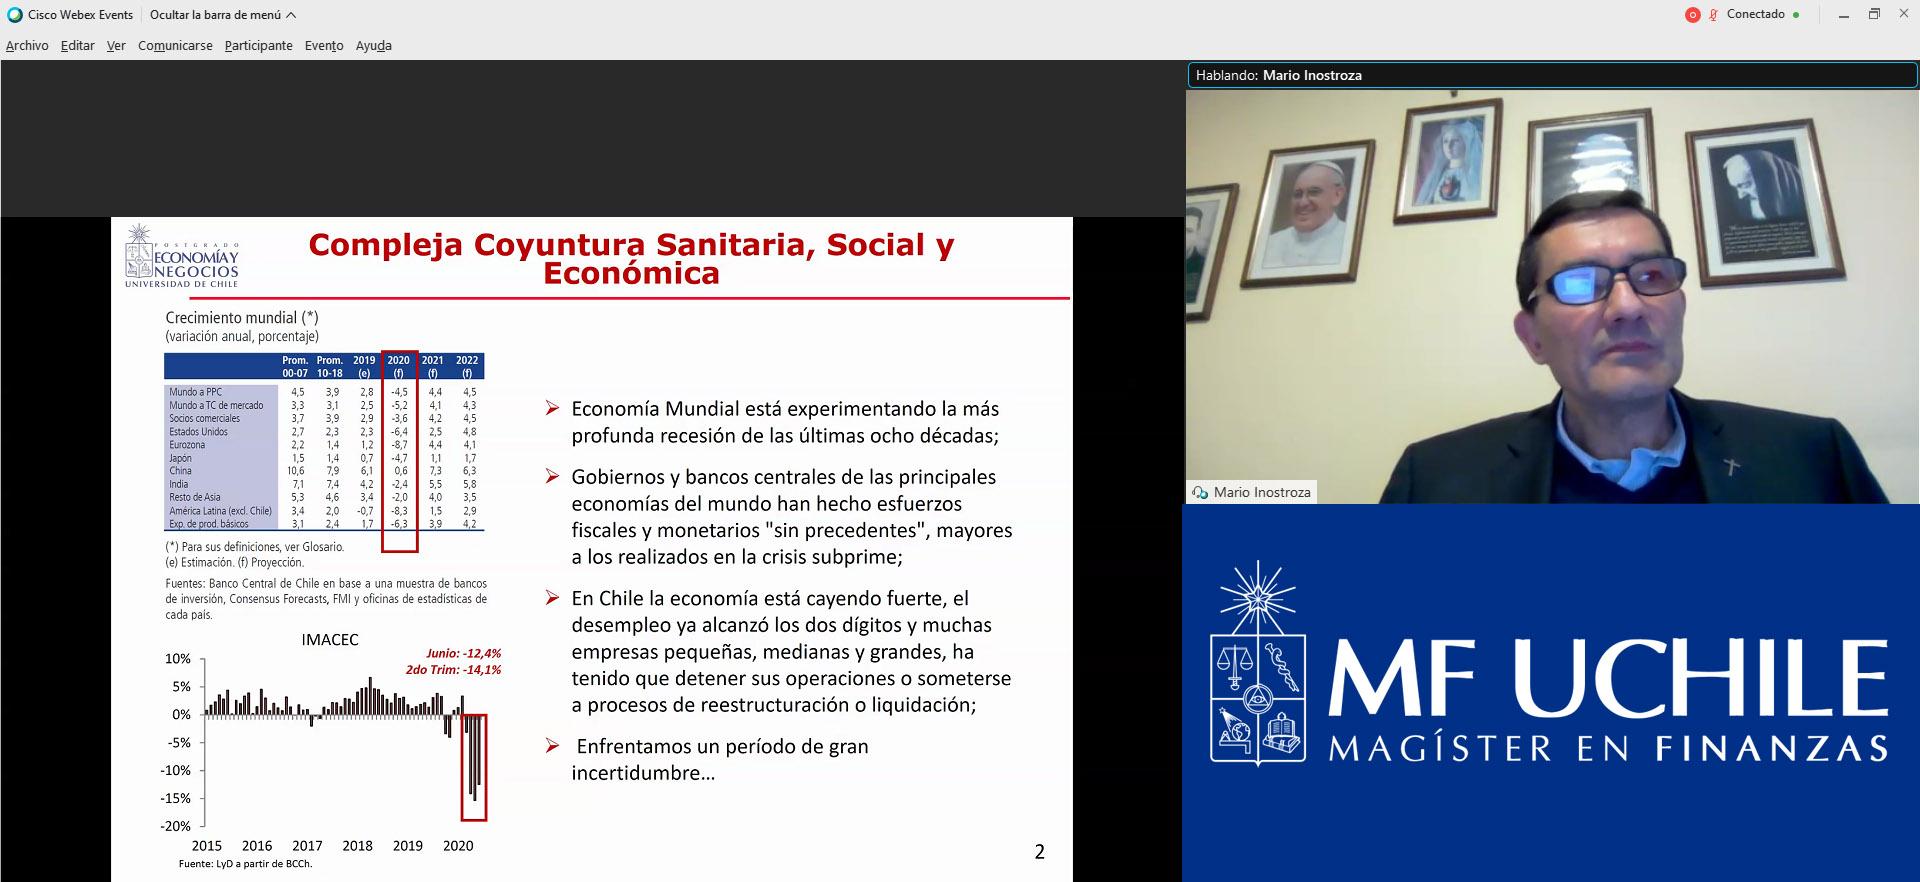 Mario Inostroza Profesor Magíster en Finanzas